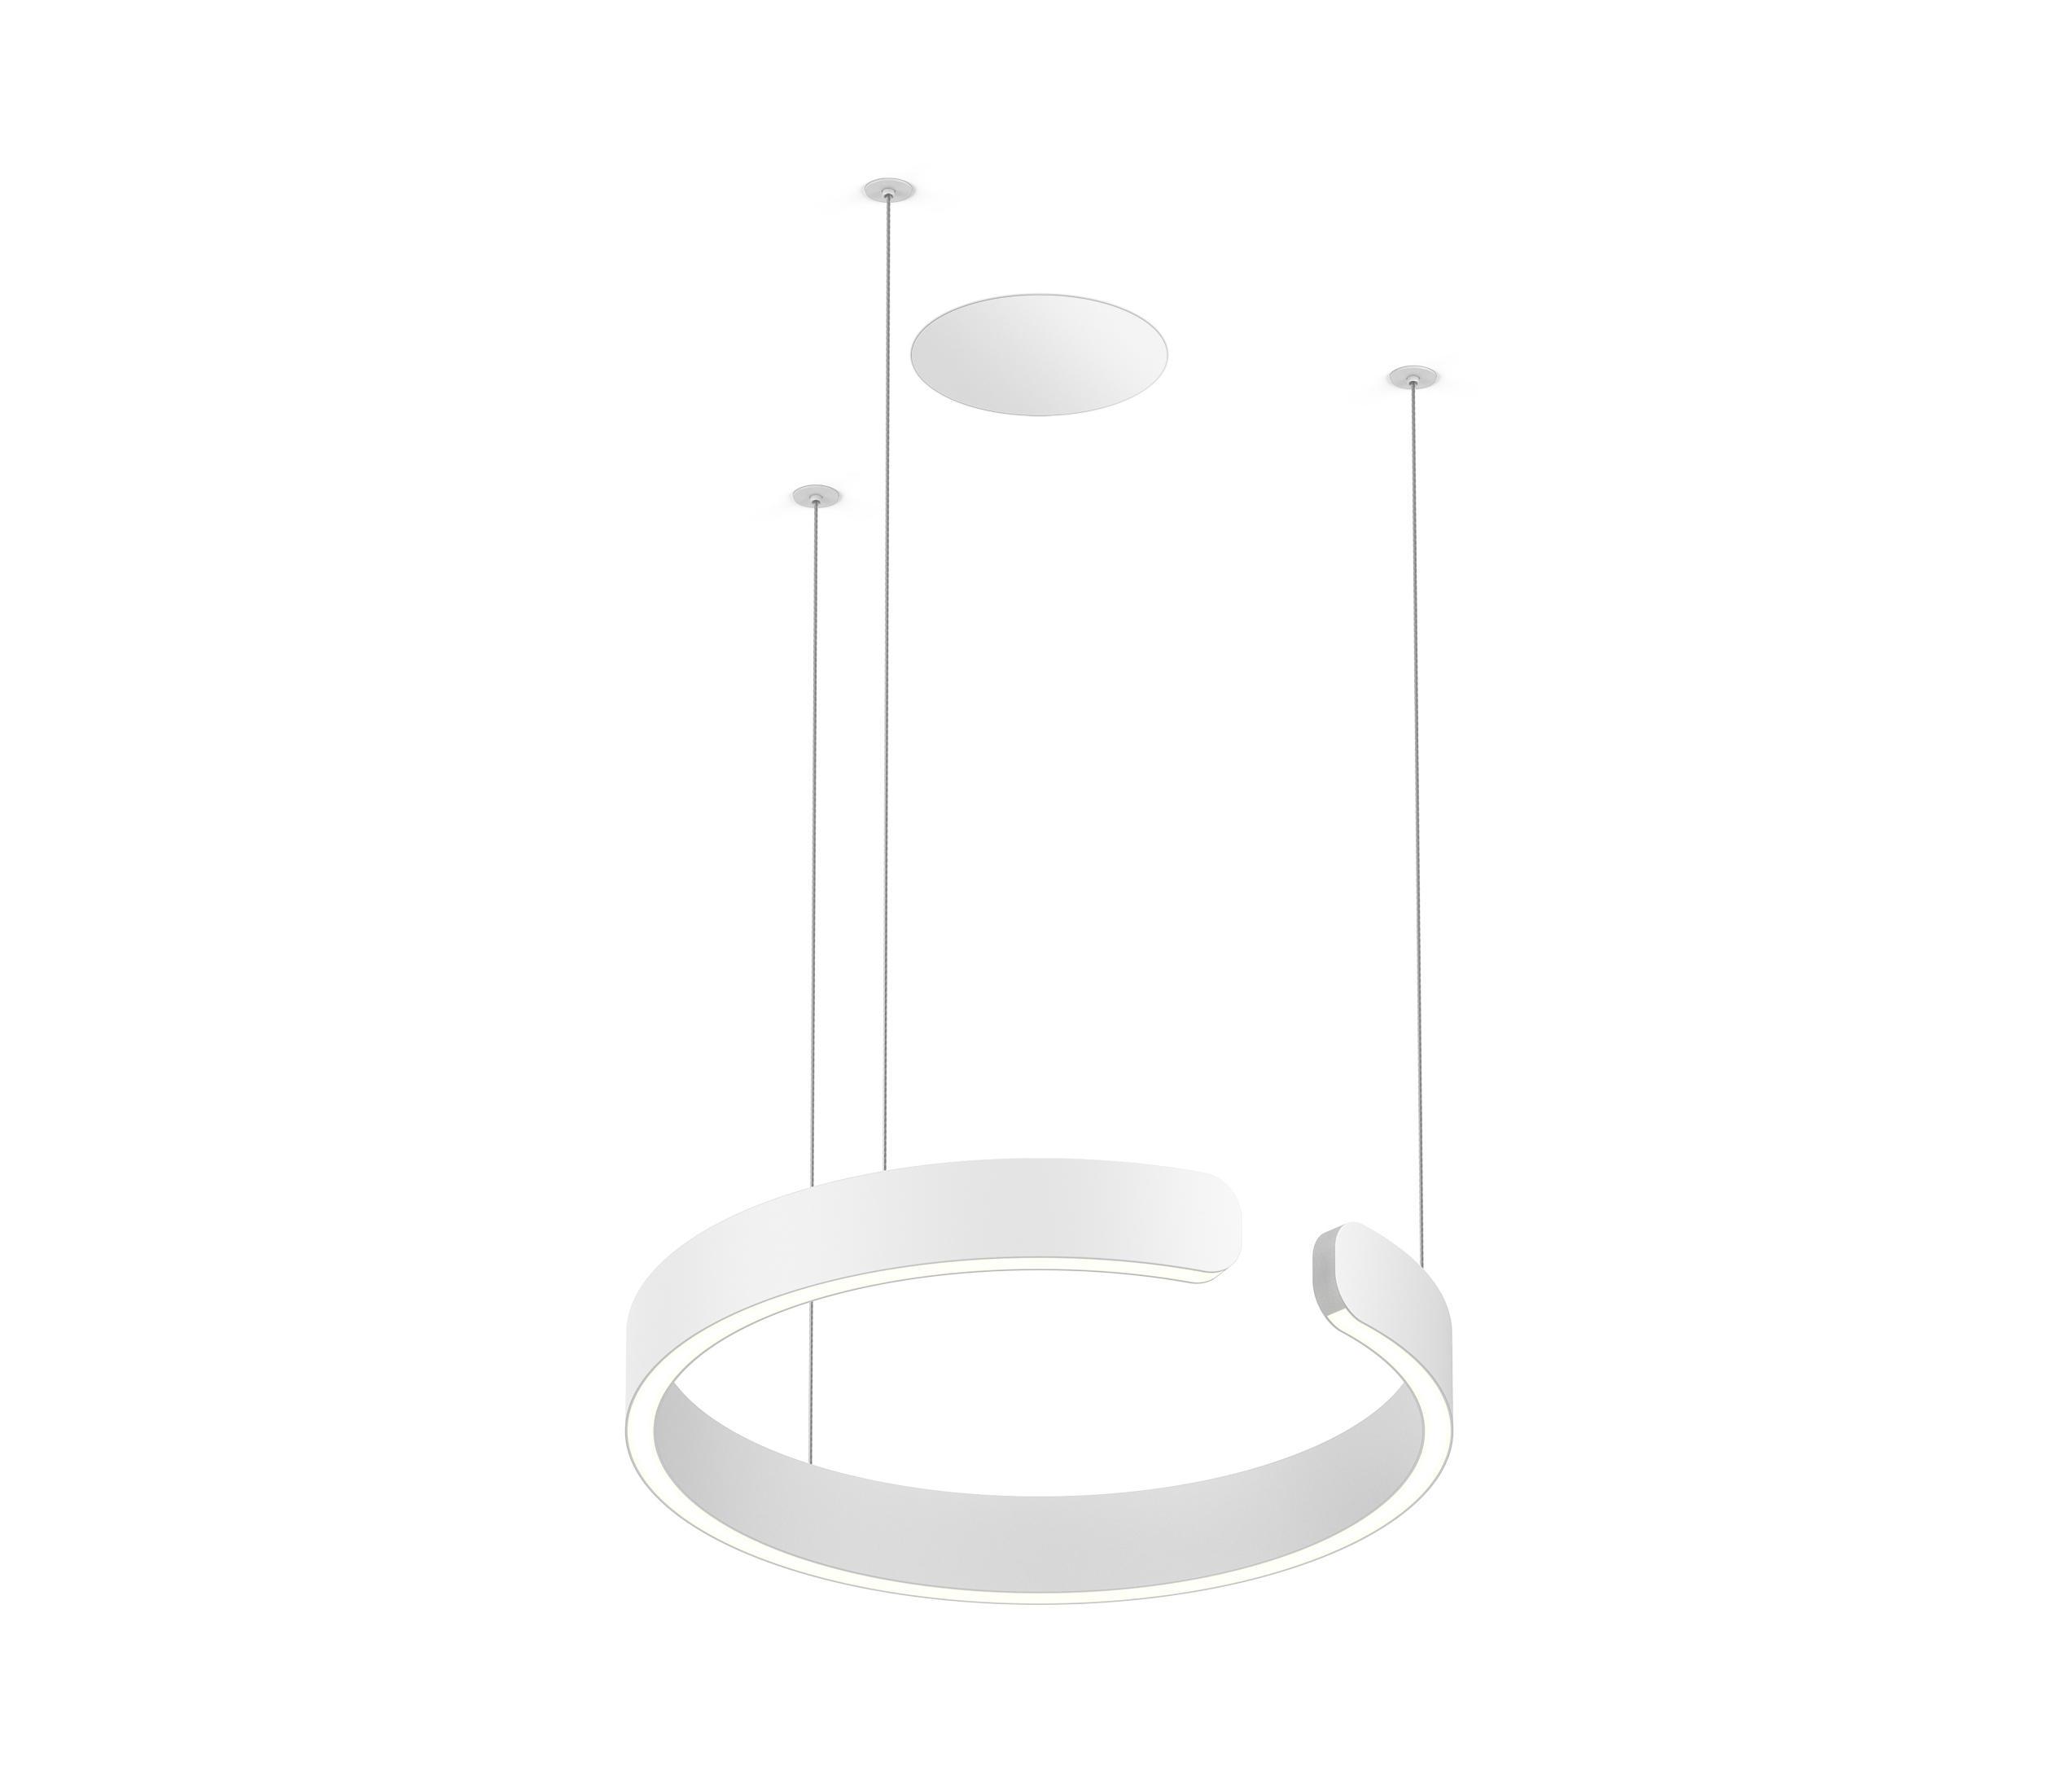 mito sospeso 40 allgemeinbeleuchtung von occhio architonic. Black Bedroom Furniture Sets. Home Design Ideas